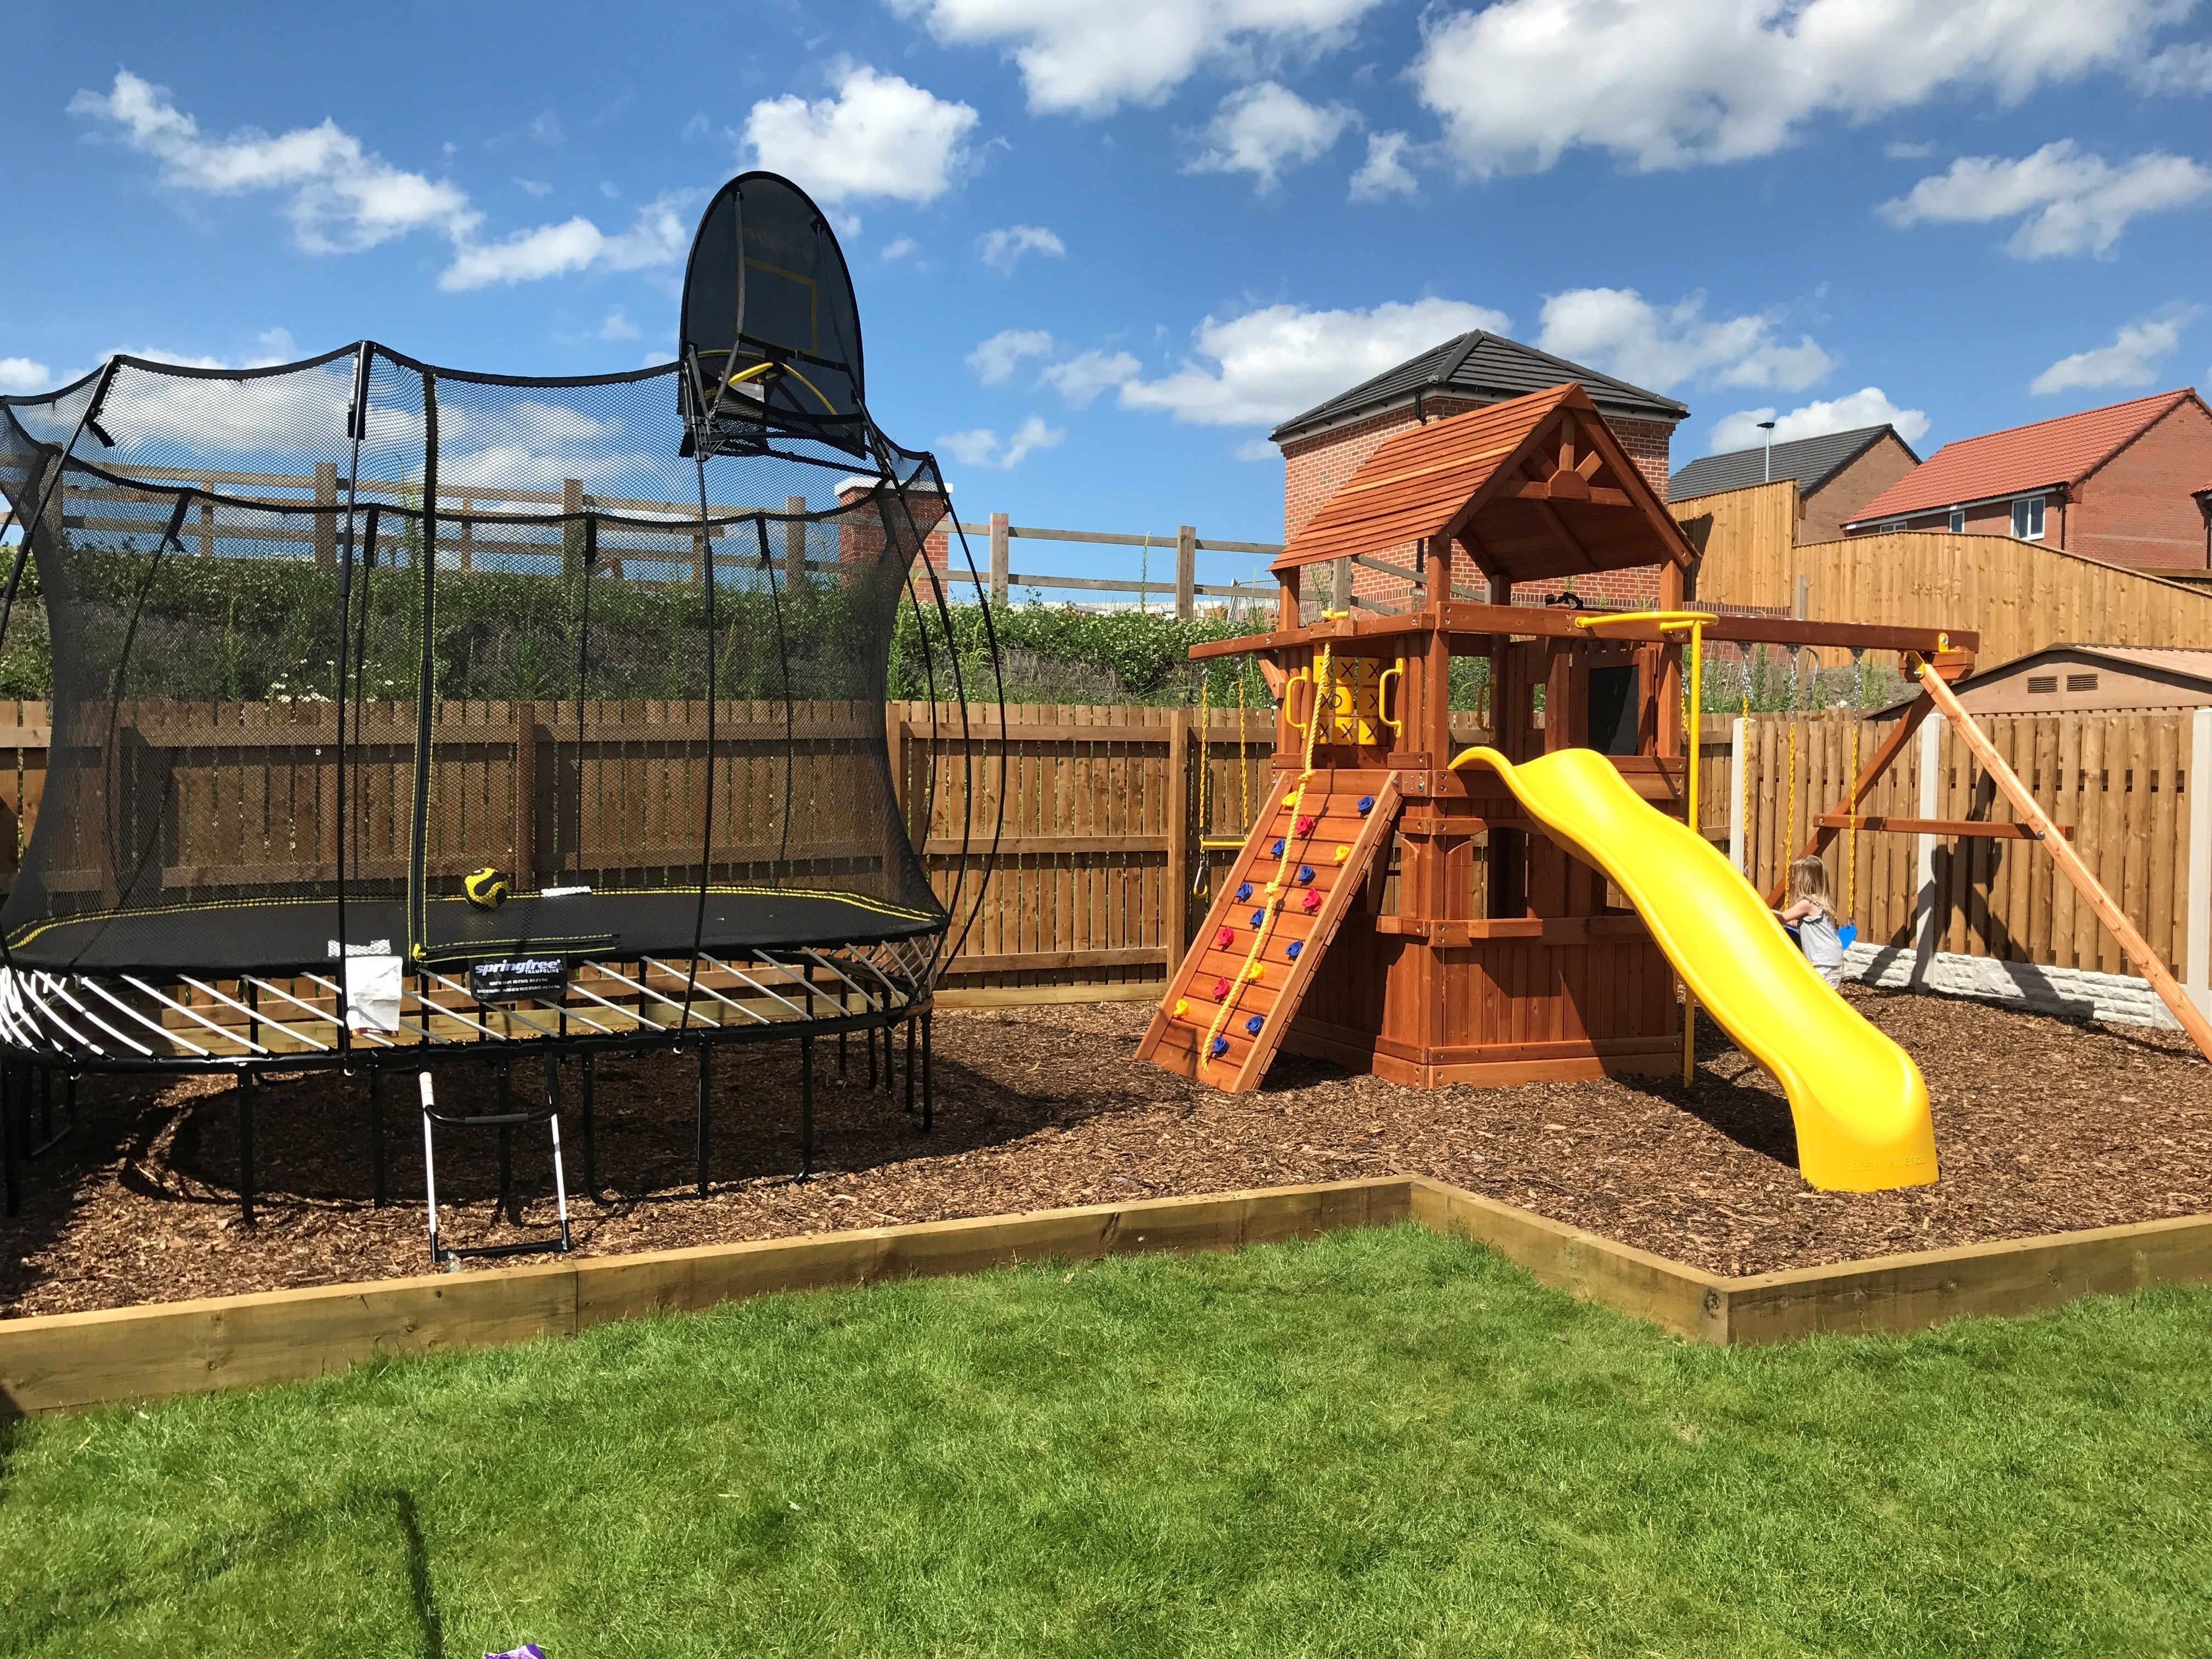 Elegant Play Garden Design Ideas For Kids12